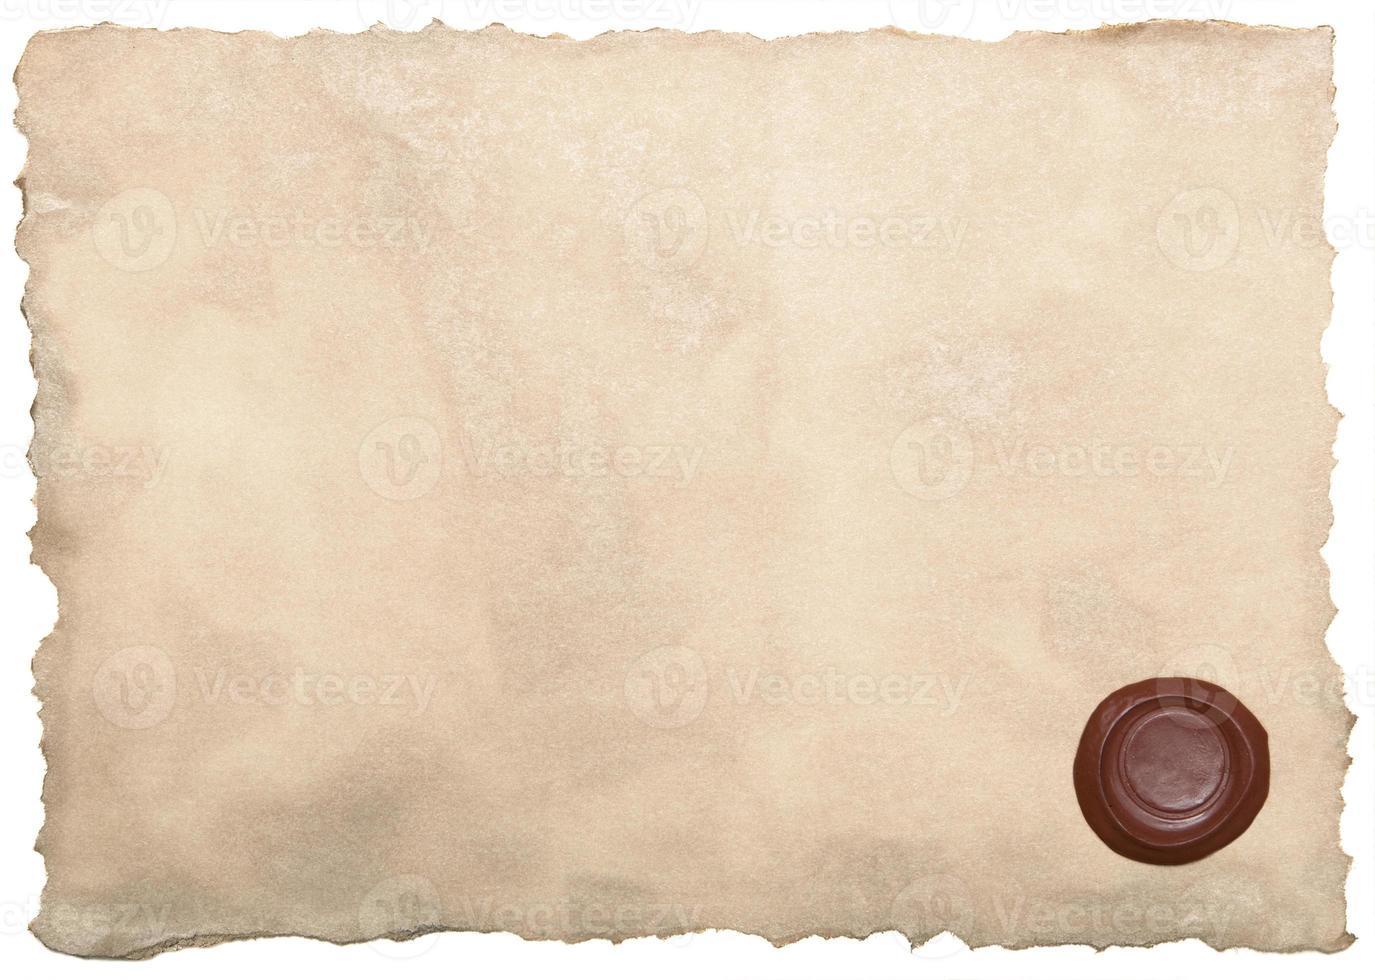 papel viejo con sello de cera aislado en blanco foto